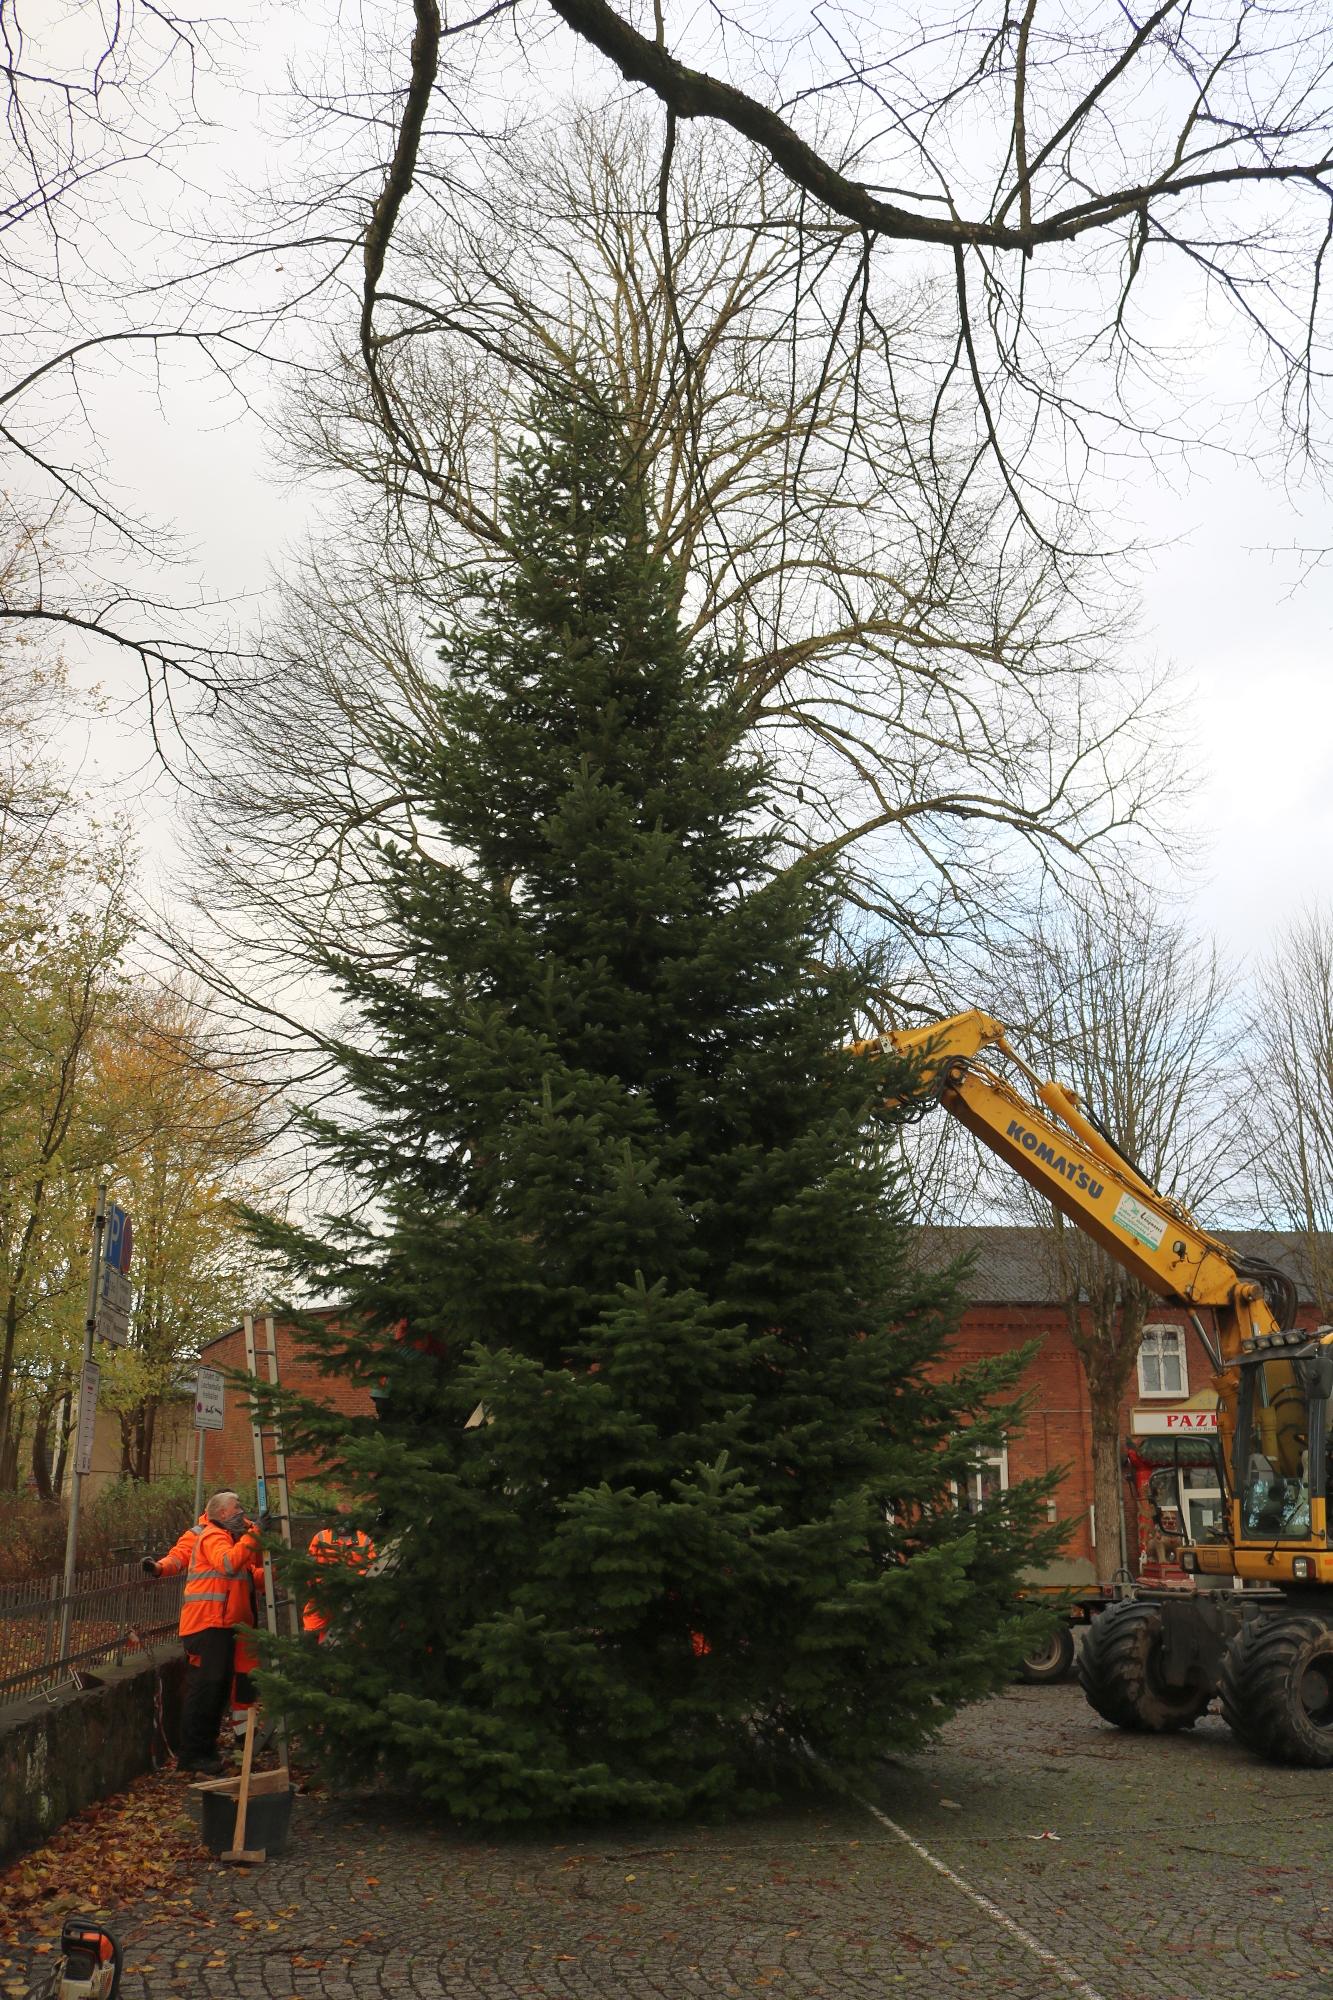 20201123 Weihnachtsbaum Kirchplatz A 12